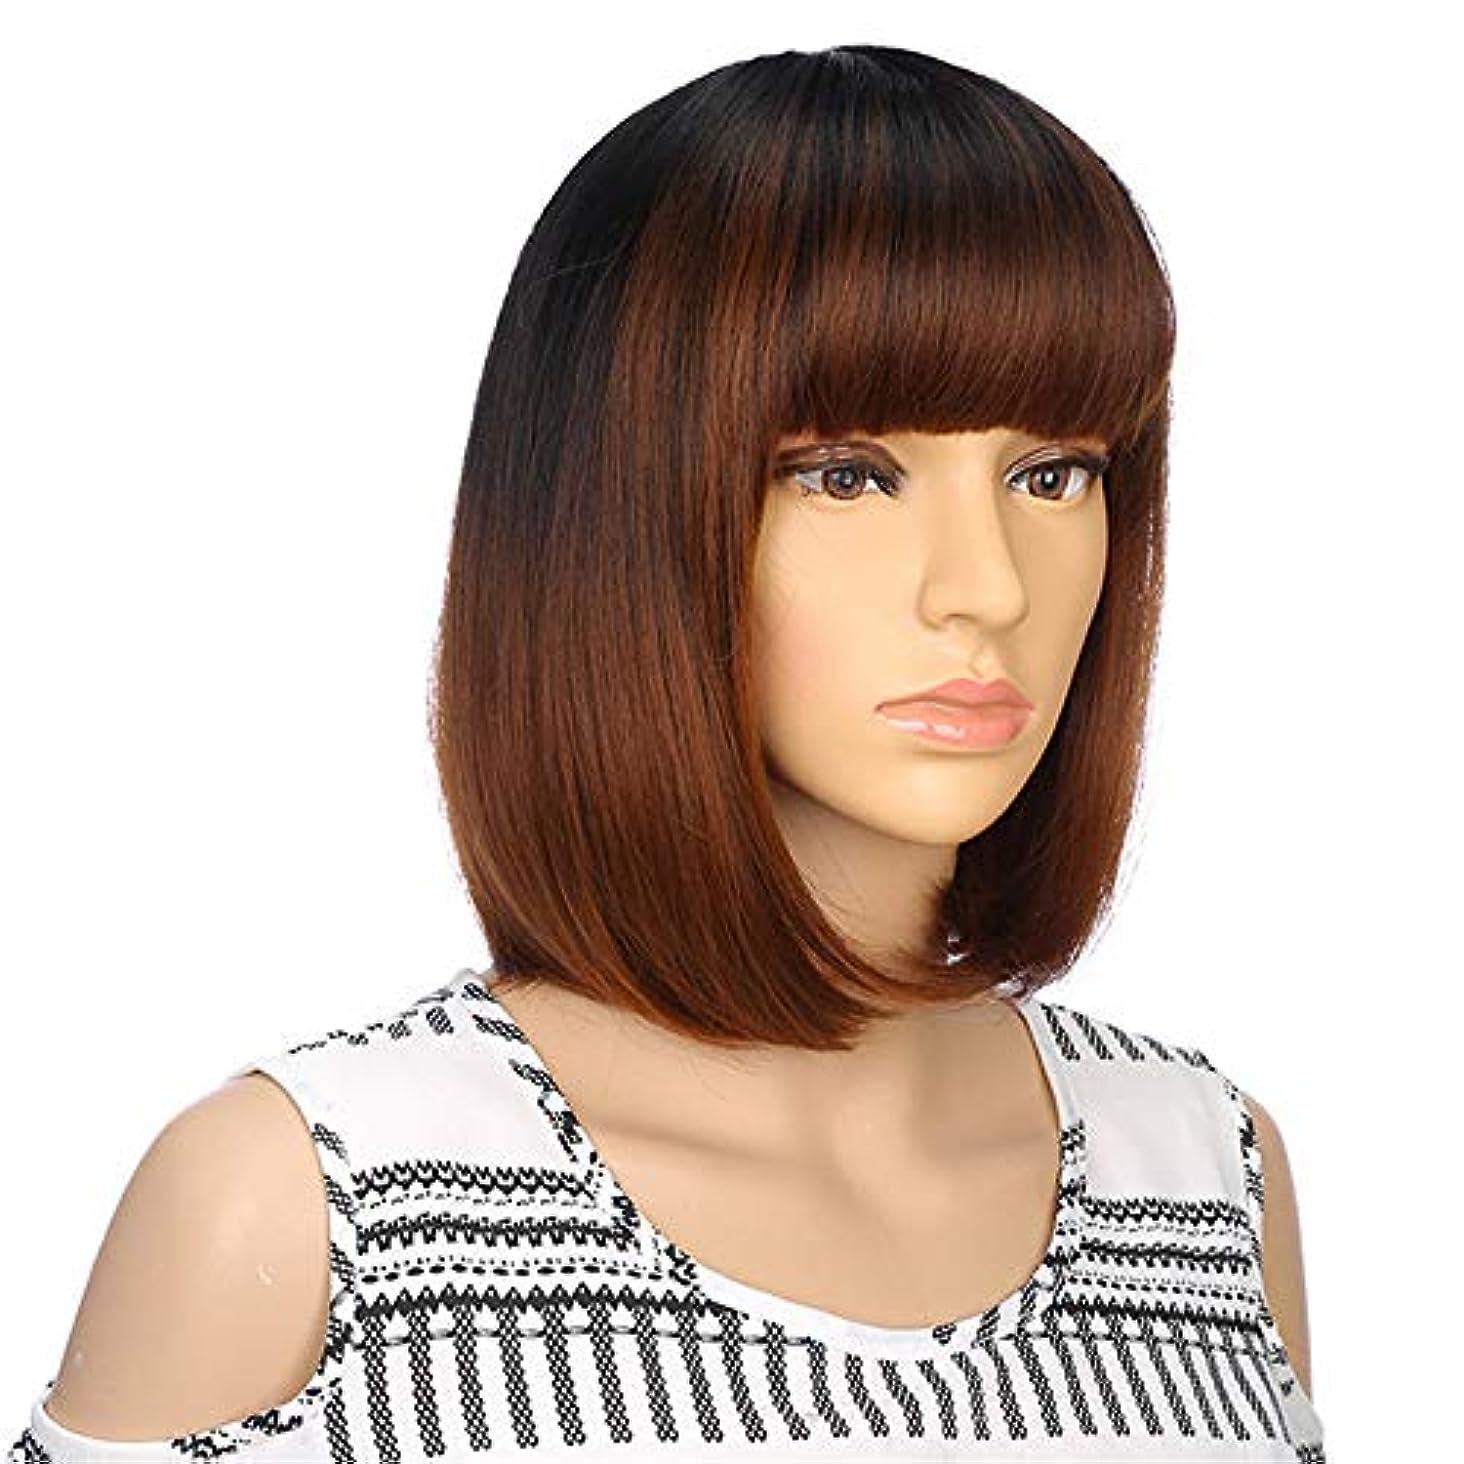 簡単な基本的な財布ヘアエクステンション合成ブラウンストレートウィッグ女性用前髪長ボブヘアウィッグ耐熱ヘアスタイルコスプレウィッグ13インチ